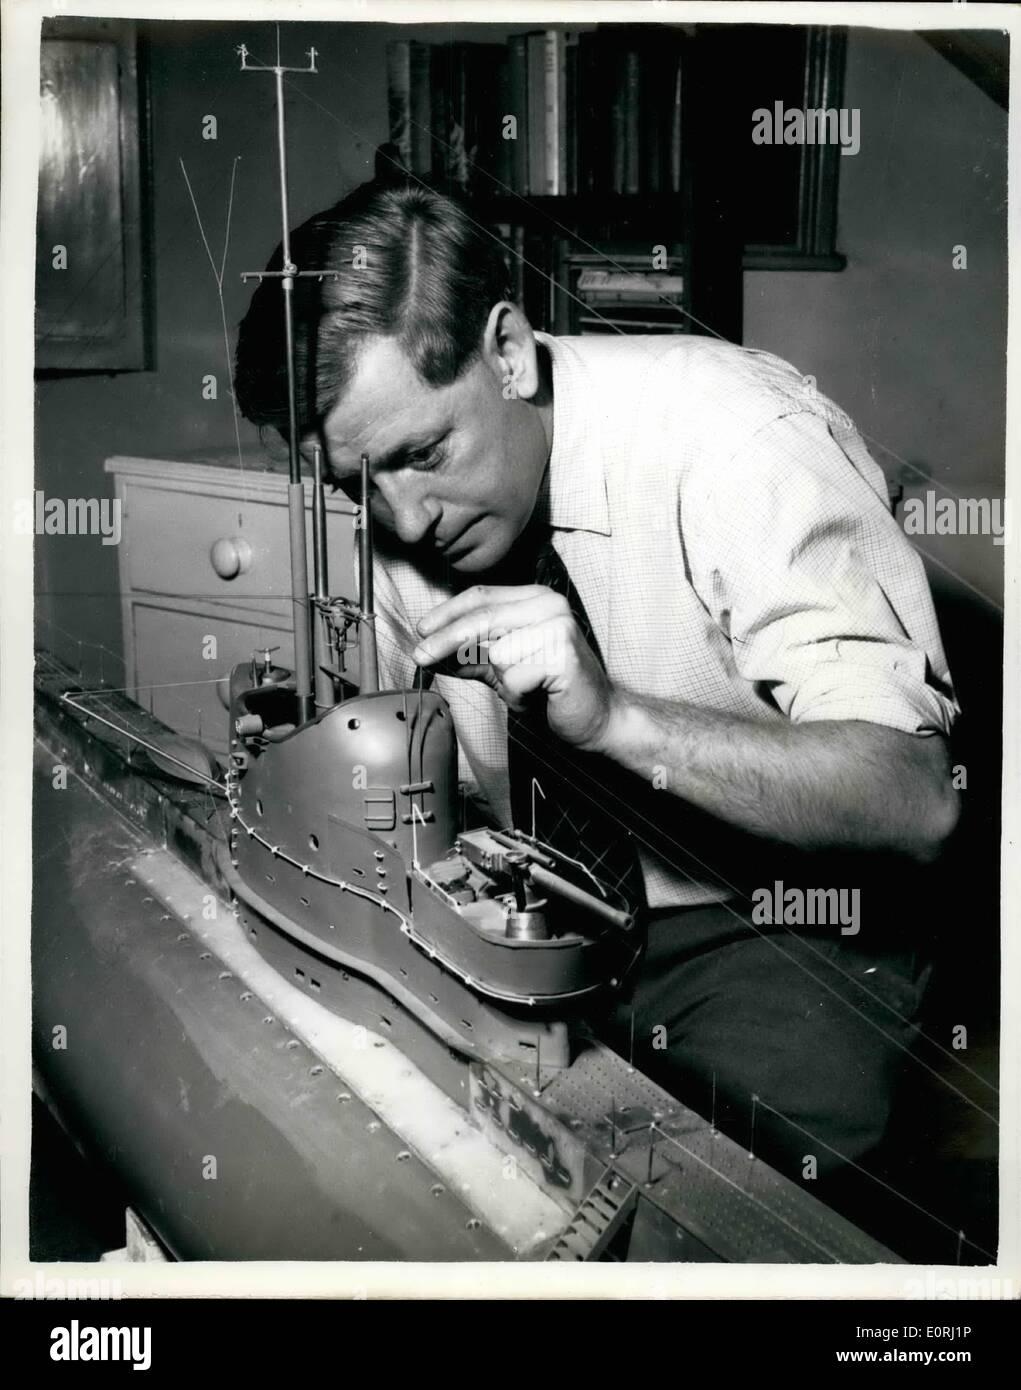 11 Nov, 1959 - 10 PIES MODELO TRABAJO OP un submarino construido5 NOV 1959 EN UN DORMITORIO, .realmente fuego de misiles reales a diez pies de largo de un modelo apbmsrine ha sido construido en el ático de un dormitorio de 38 años trabajador Ministerio de Suministro de Sewenosks Sr. David Ashton, !ciento et un costo de £1000., llamado''''Olimpo será capaz de encajar los misiles y torpedos mientras está sumergido a ser operado por control remoto. El modelo fue iniciado hace tres años. pesa 200 libras y es capaz de bucear a 15 pies. Imagen De Stock